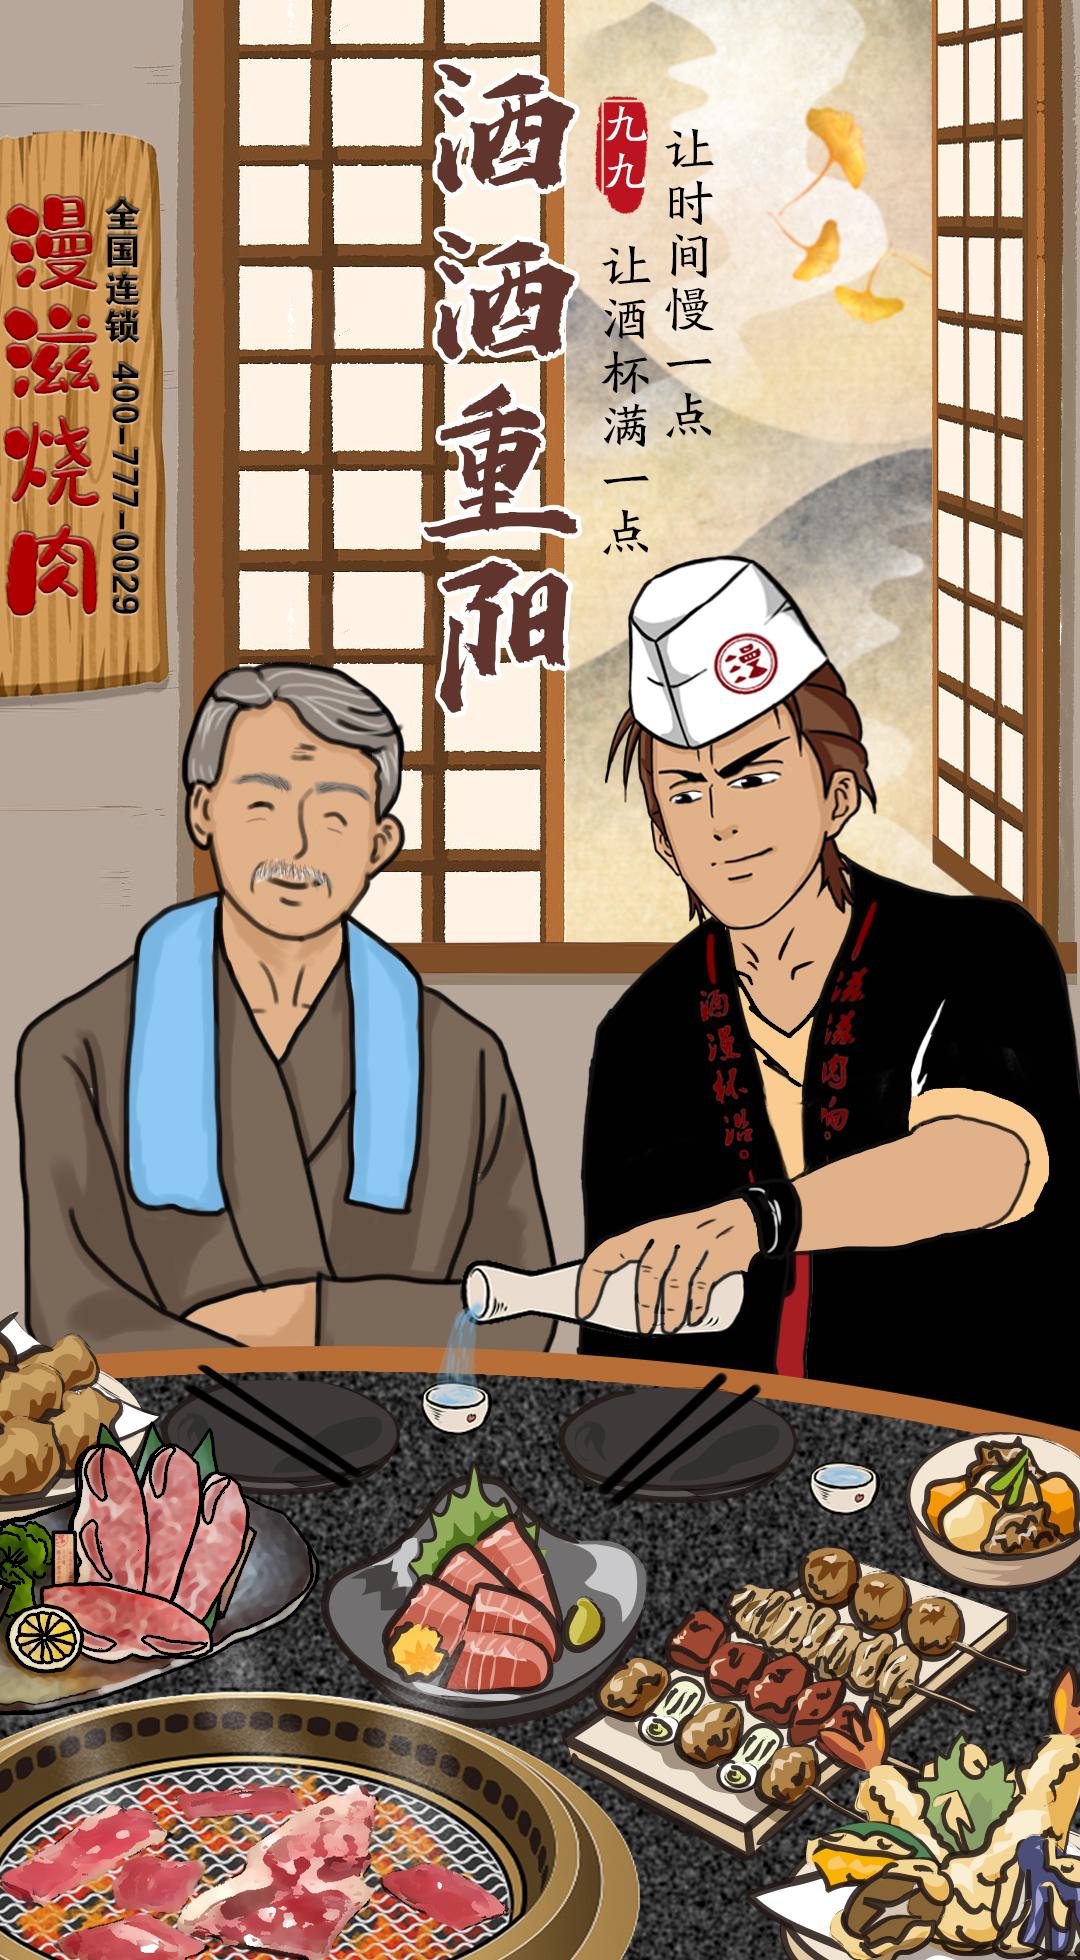 """漫滋,漫滋烧肉,漫滋烧肉居酒屋,日料加盟,日式烤肉加盟,重阳佳节,给咱爸妈吃点""""不爱吃""""的"""